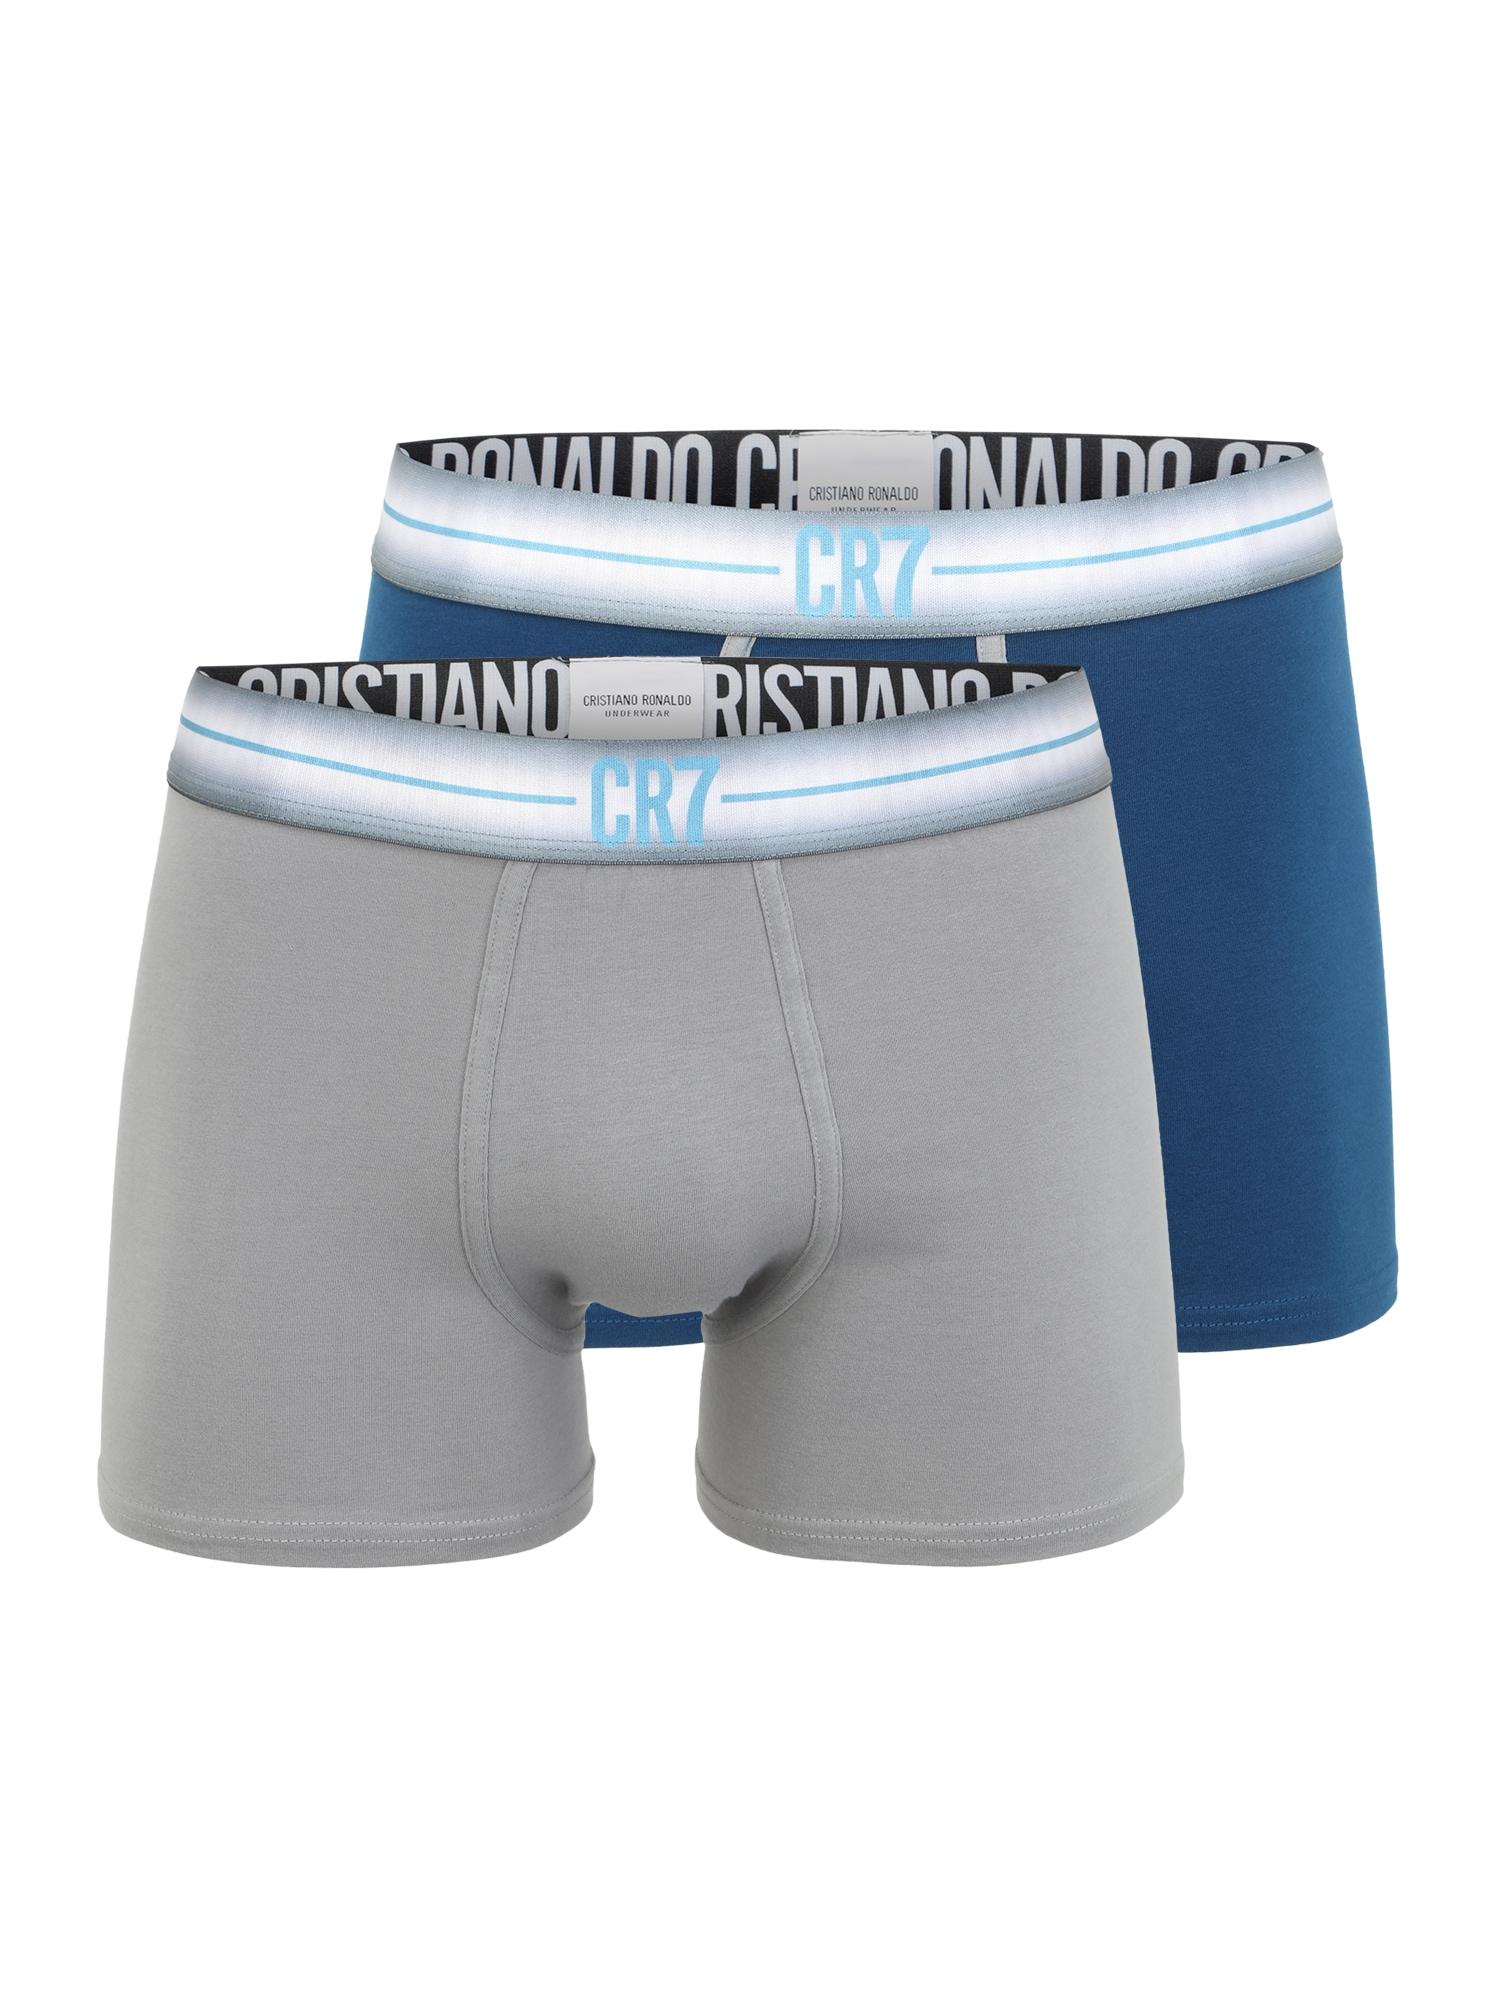 CR7 - Cristiano Ronaldo Boxer trumpikės pilka / pastelinė mėlyna / balta / šviesiai mėlyna